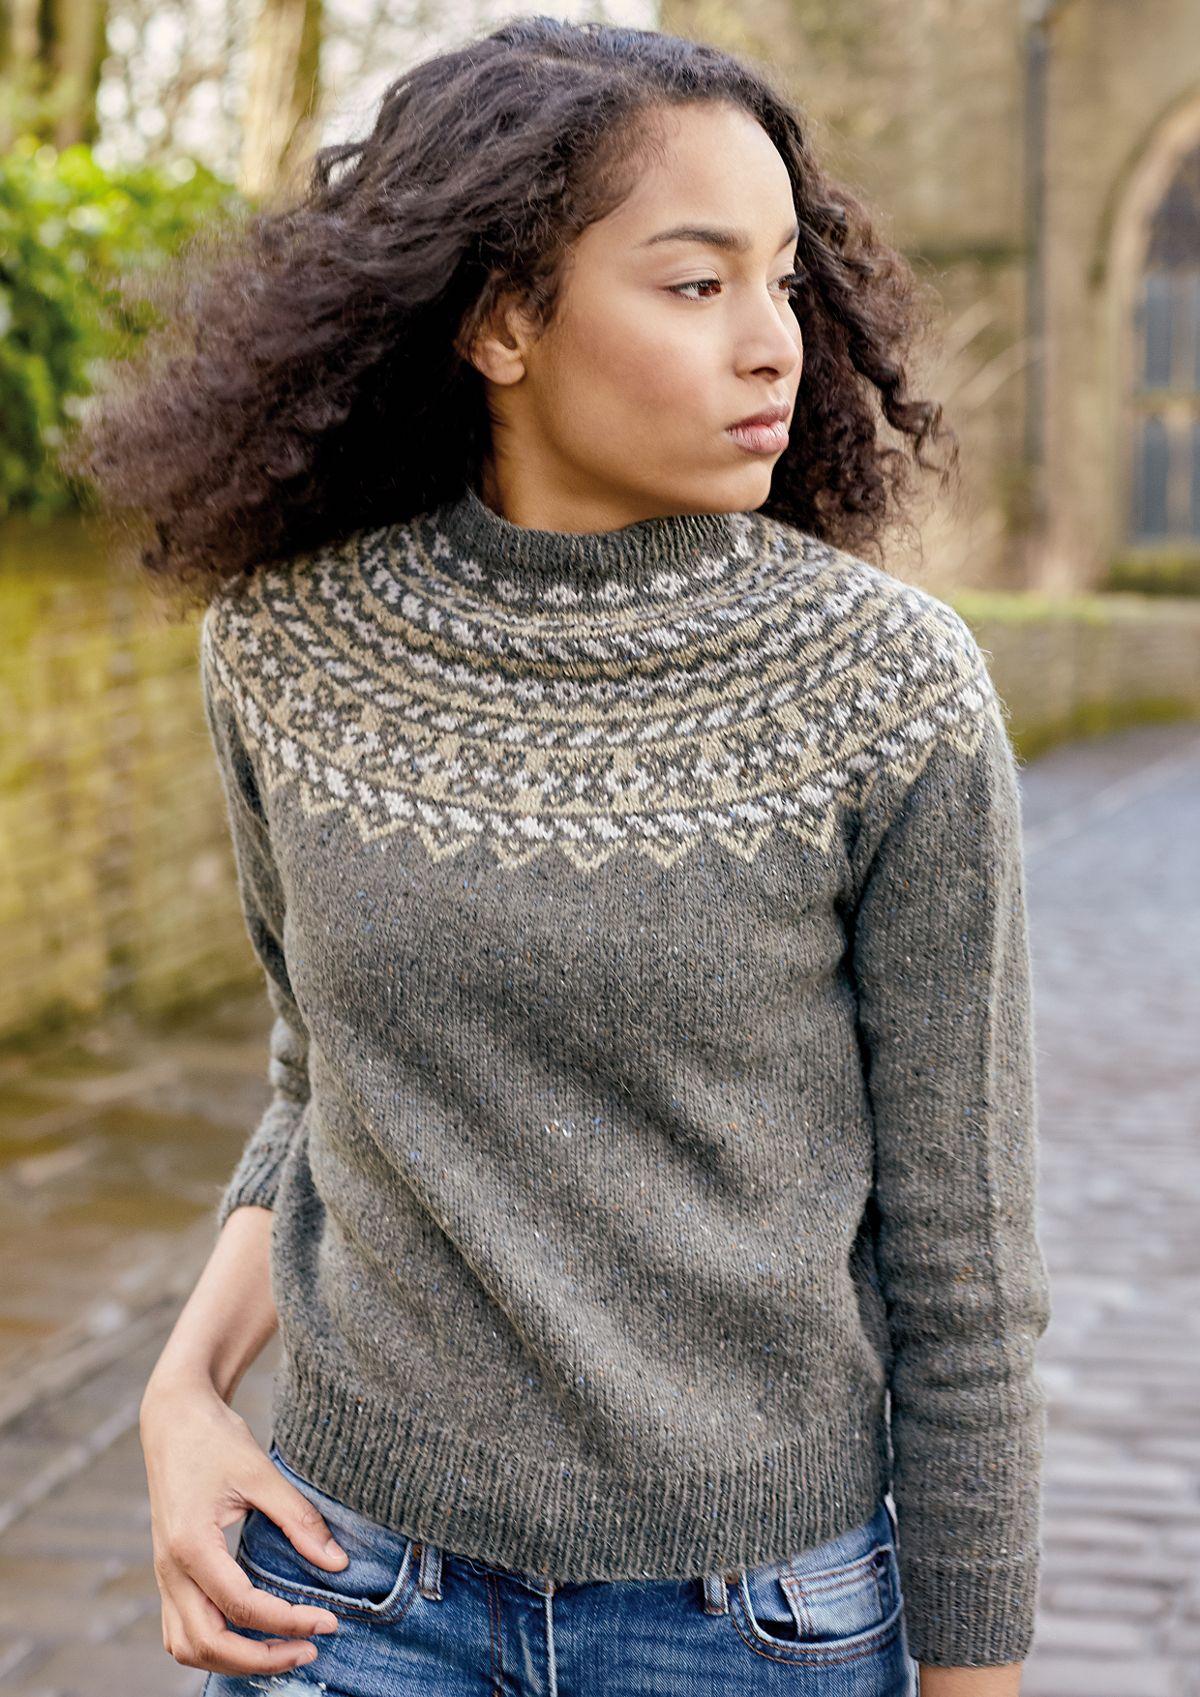 Вязаные свитера спицами женские схемы, описание и видео 18